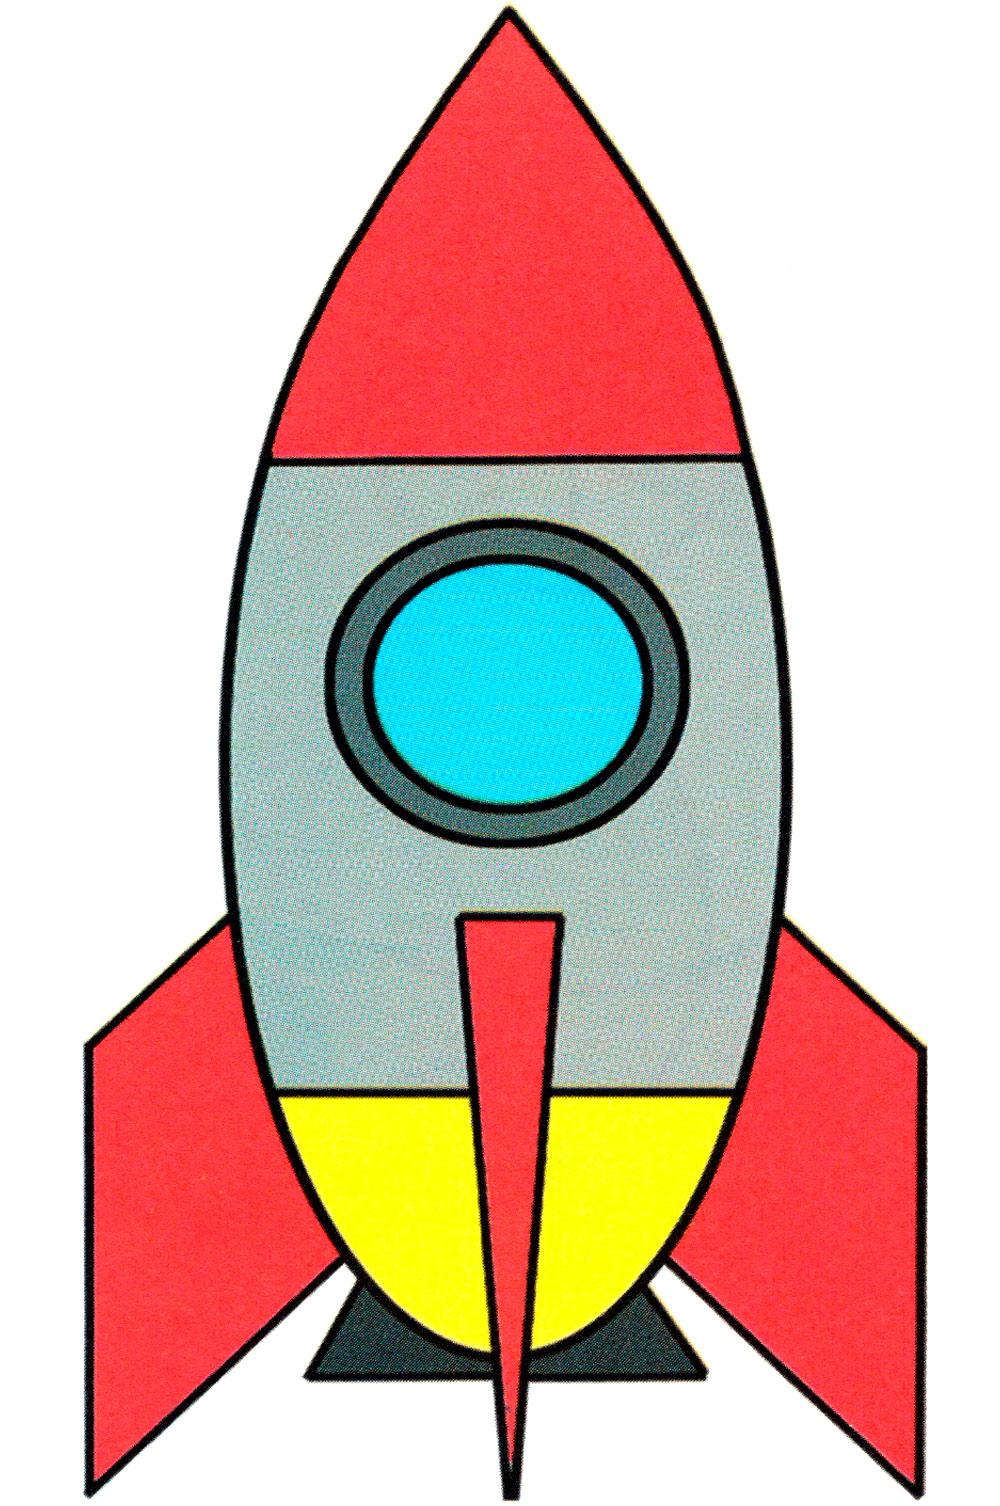 Раскраска Космическая ракета игрушка - распечатать бесплатно